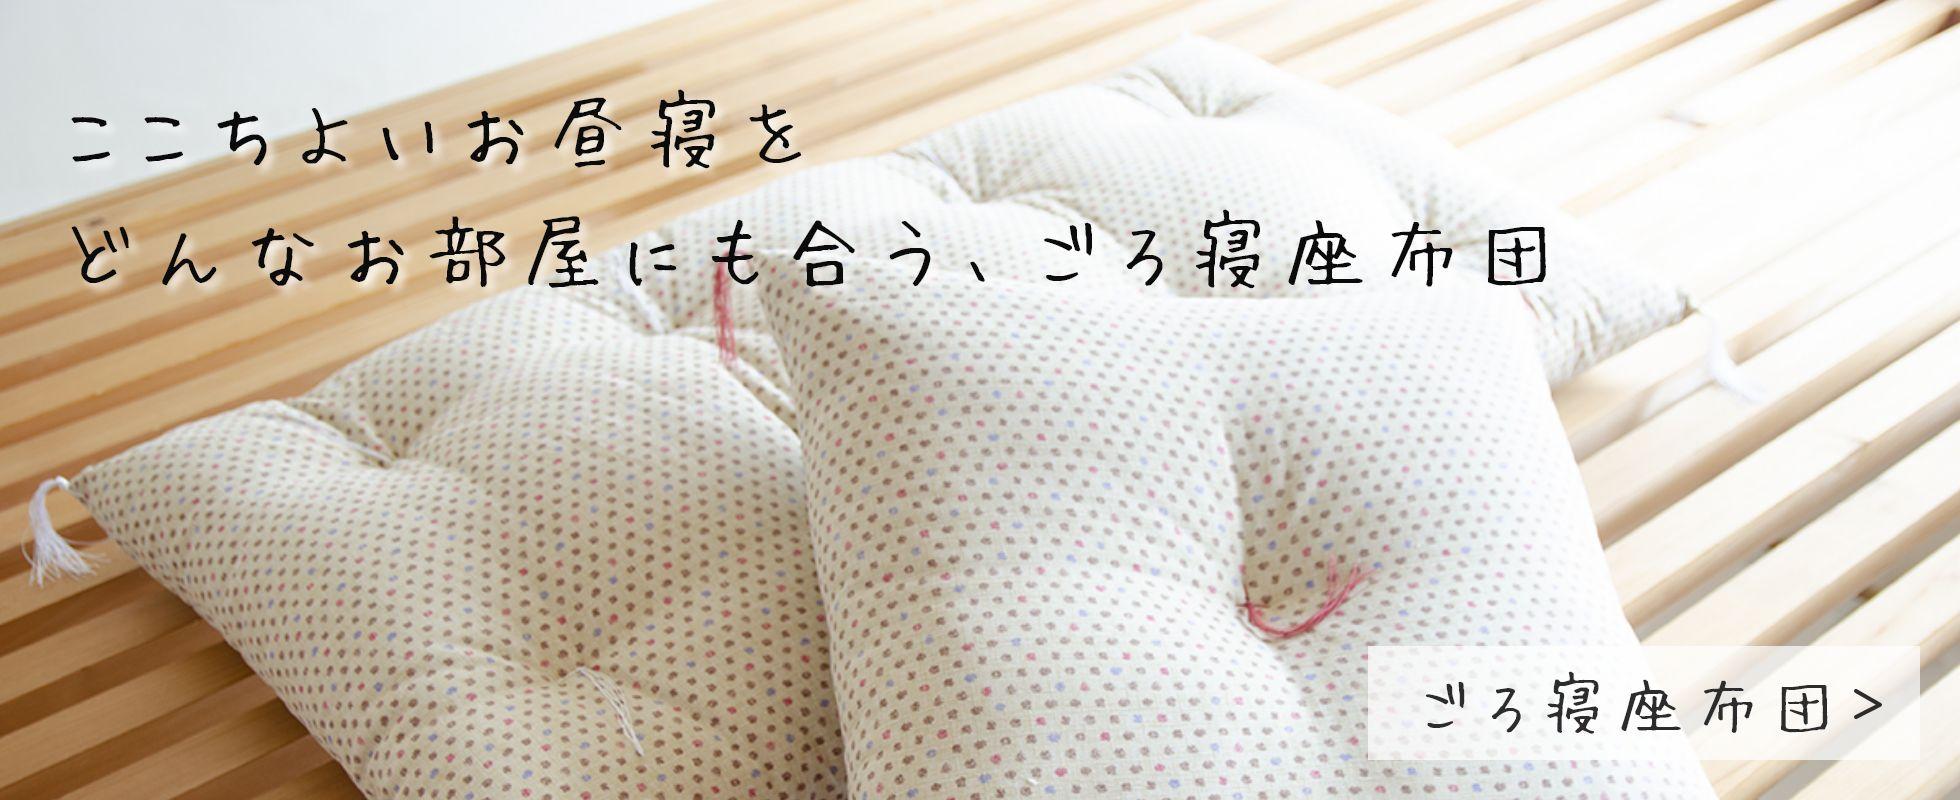 ここちよいお昼寝をどんなお部屋にも合う、ごろ寝座布団 ごろ寝座布団